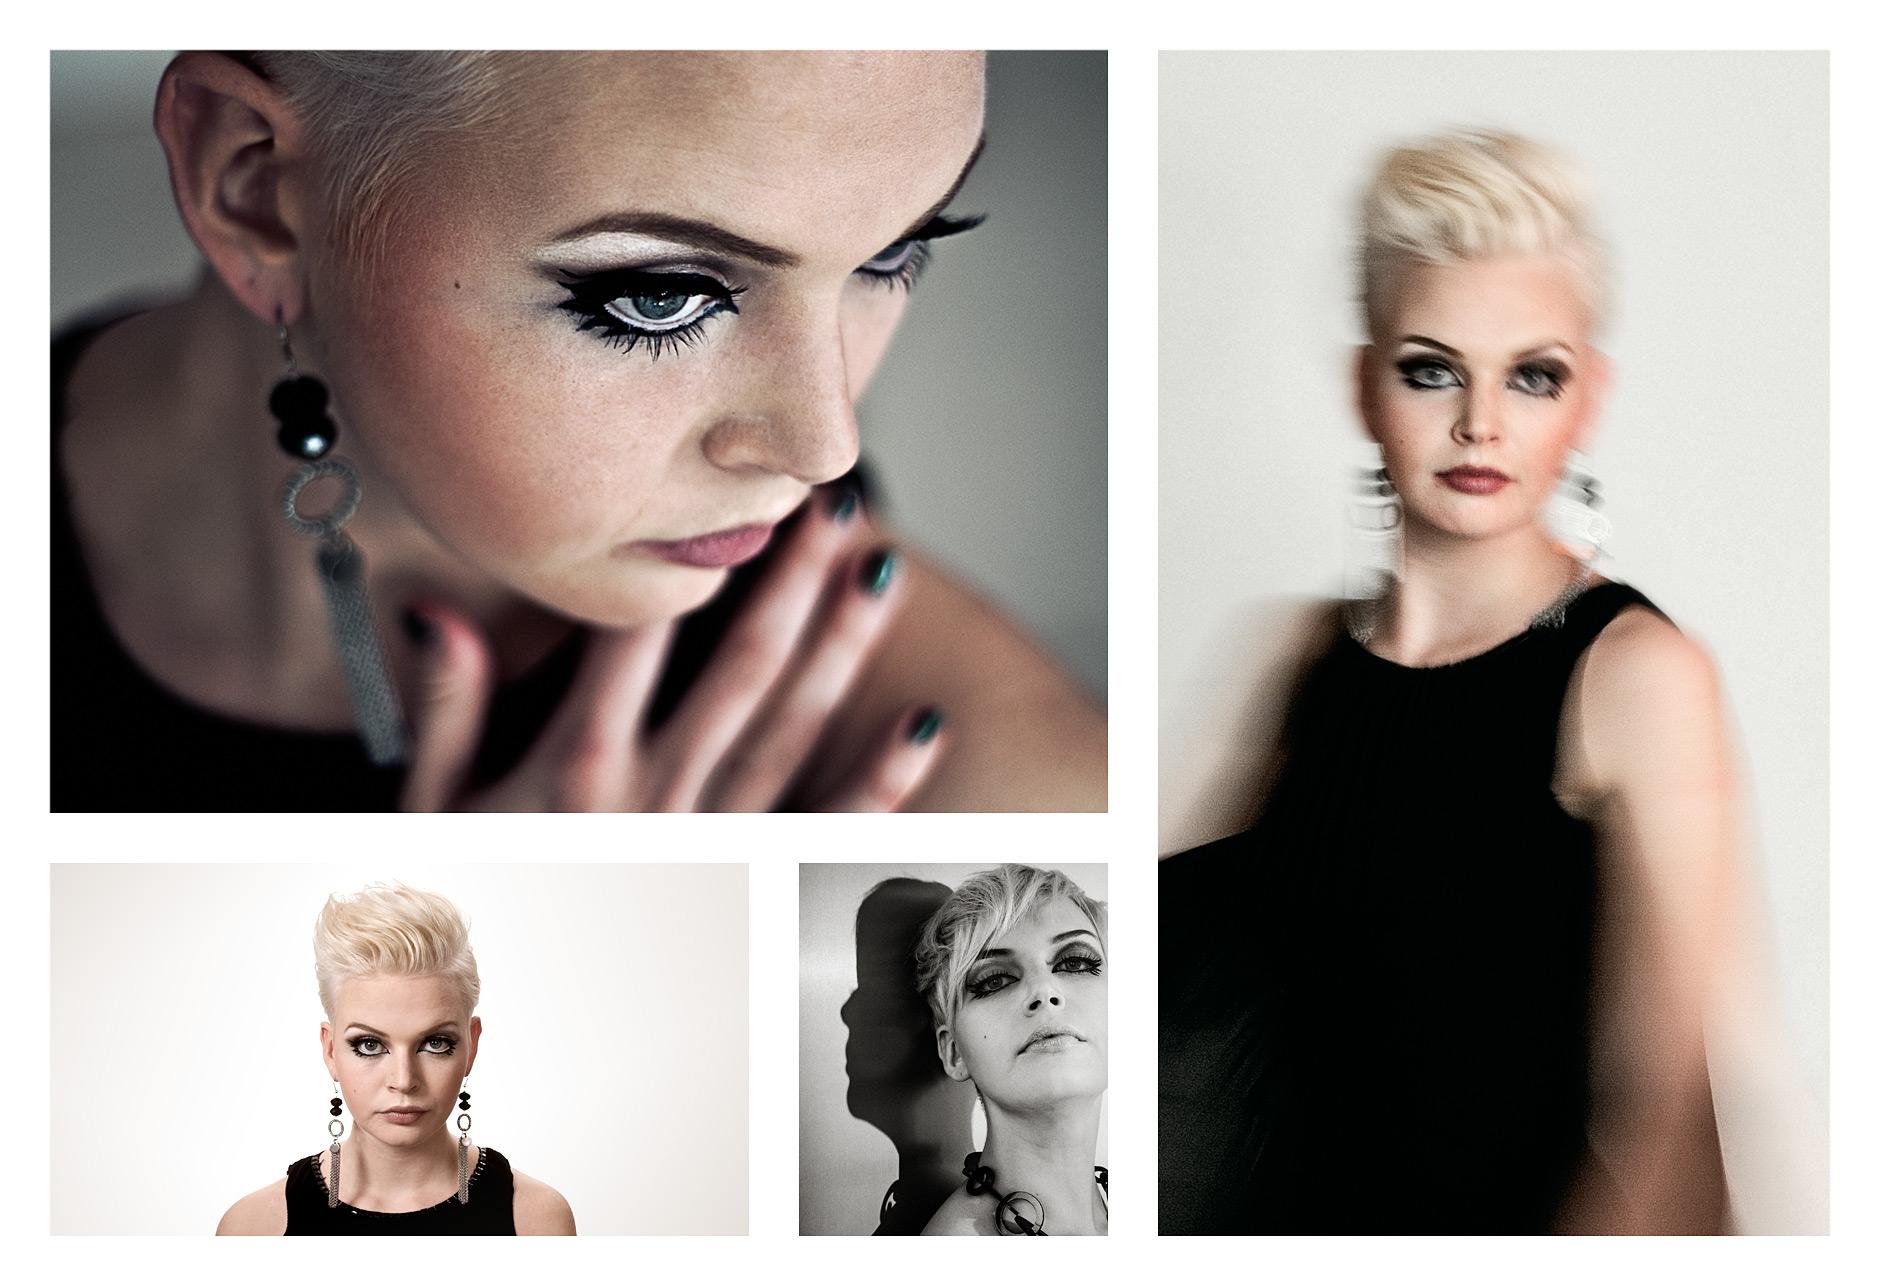 06-modell-fotografering-fotograf-2-fotografer-norrkoping